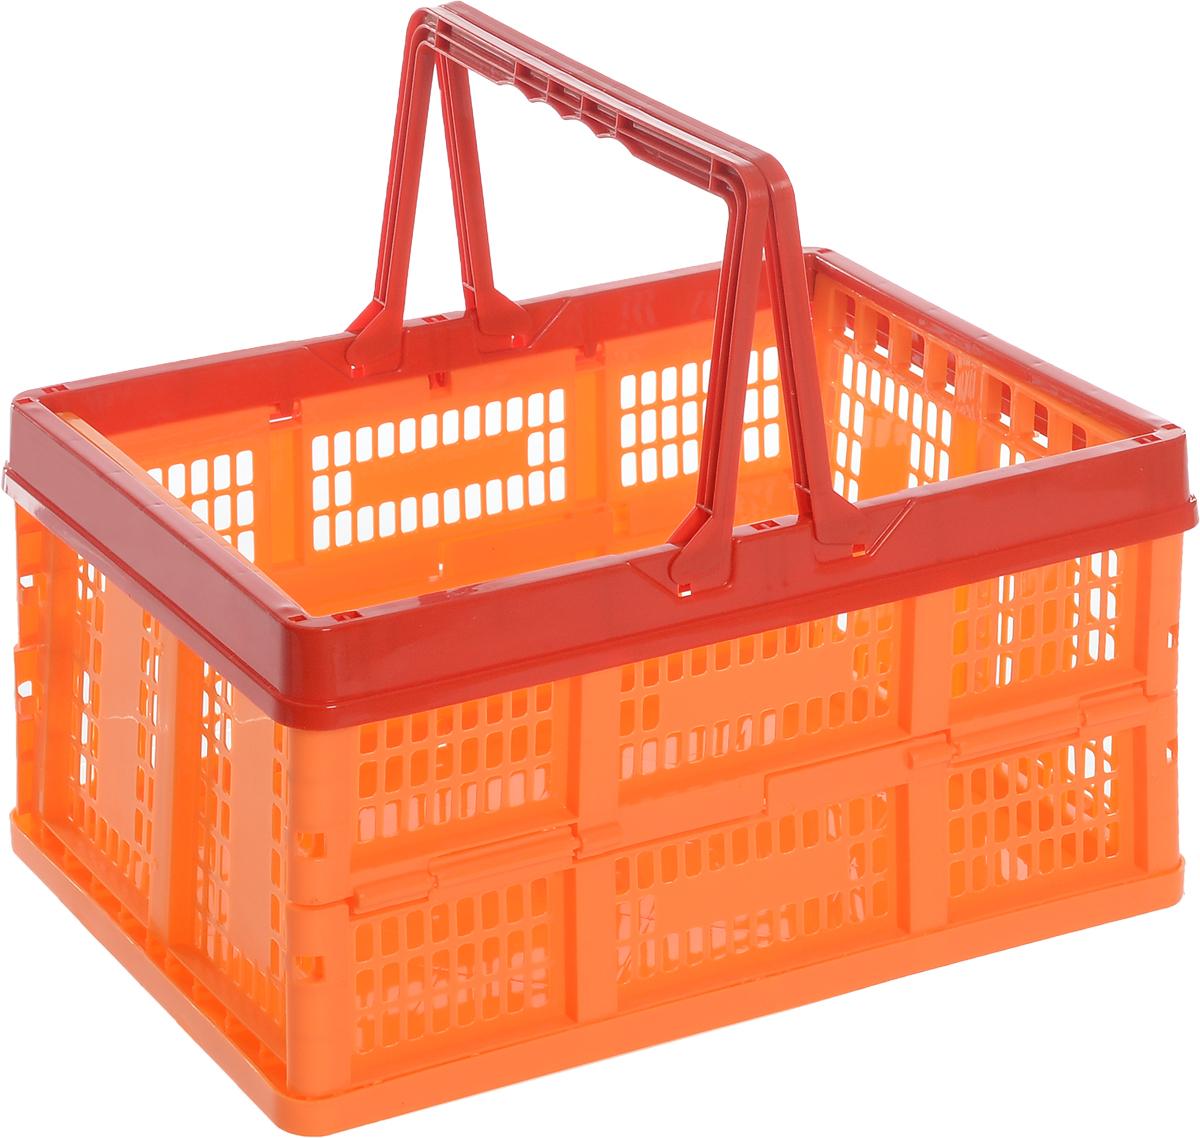 Ящик универсальный Альтернатива, раскладной, цвет в ассортименте, 38,5 х 25,5 х 21 см ящик универсальный альтернатива раскладной цвет в ассортименте 38 5 х 25 5 х 21 см